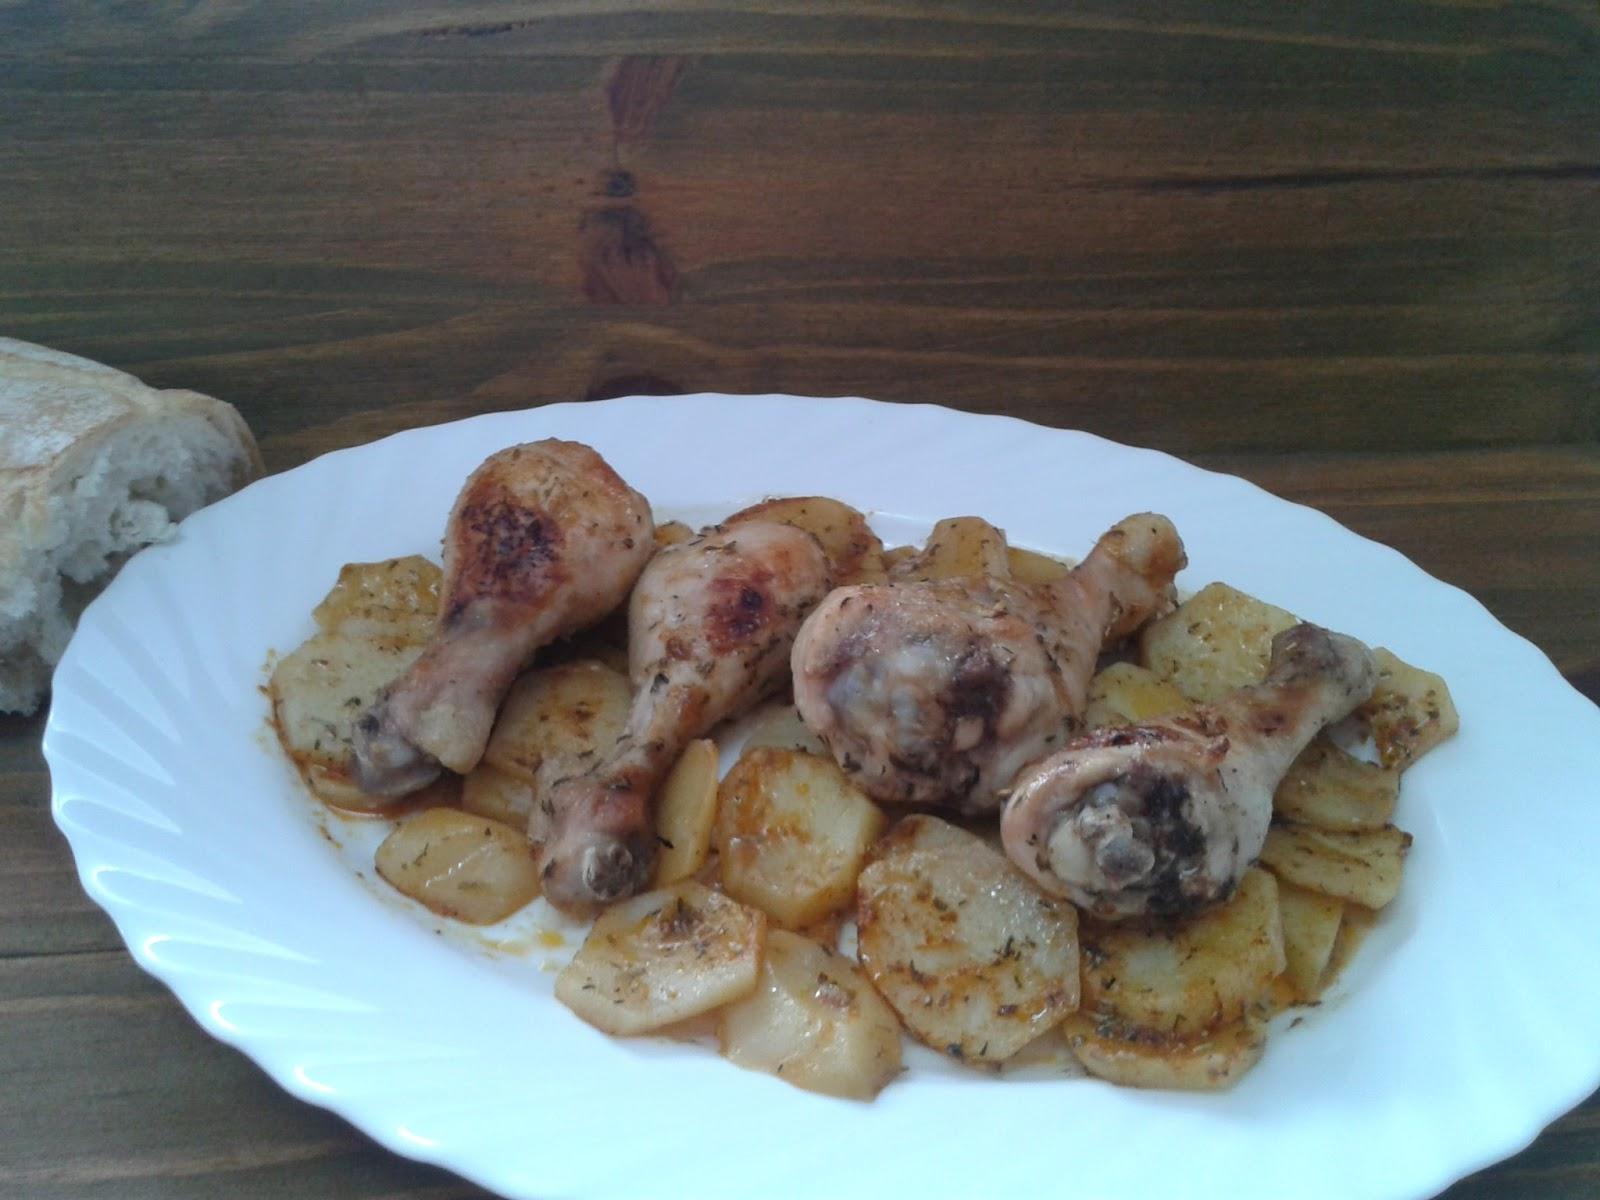 Recetas con encanto muslitos de pollo al ajo y piment n - Muslitos de pollo ...